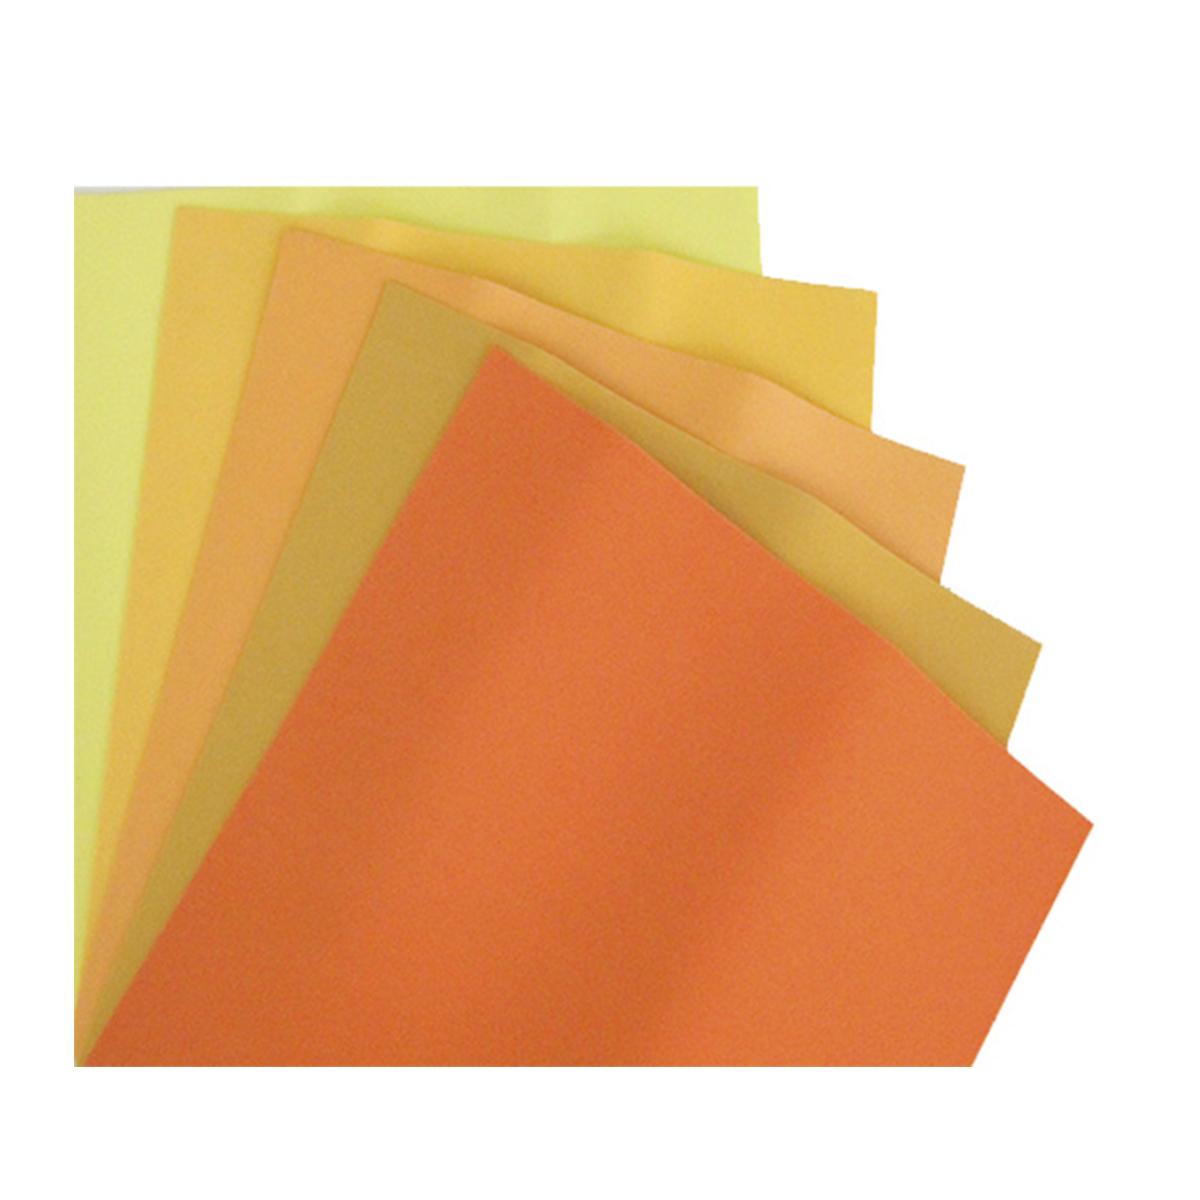 Фоамиран Астра, цвет: желтый, 25 х 25 см, 5 шт583540_ф-0004 желтыйФоамиран Астра - это пластичная замша, ее можно применить для создания разнообразного вида декора: открытки, магнитики, цветы, забавные игрушки и т.д. Главная особенность материала фоамиран заключается в его способности к незначительному растяжению, которого вполне достаточно для запоминания изделием своей формы.На ощупь мягкая синтетическая замша очень приятна и податлива, поэтому работать с ней не составит труда даже начинающему.Размер ткани: 250 x 250 мм. В упаковке 5 штук.